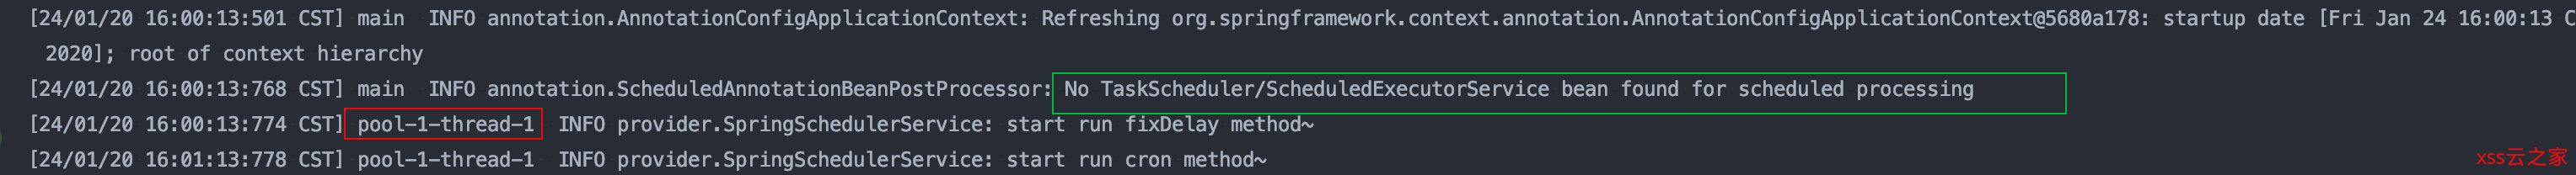 定时任务莫名停止,Spring 定时任务存在 Bug??